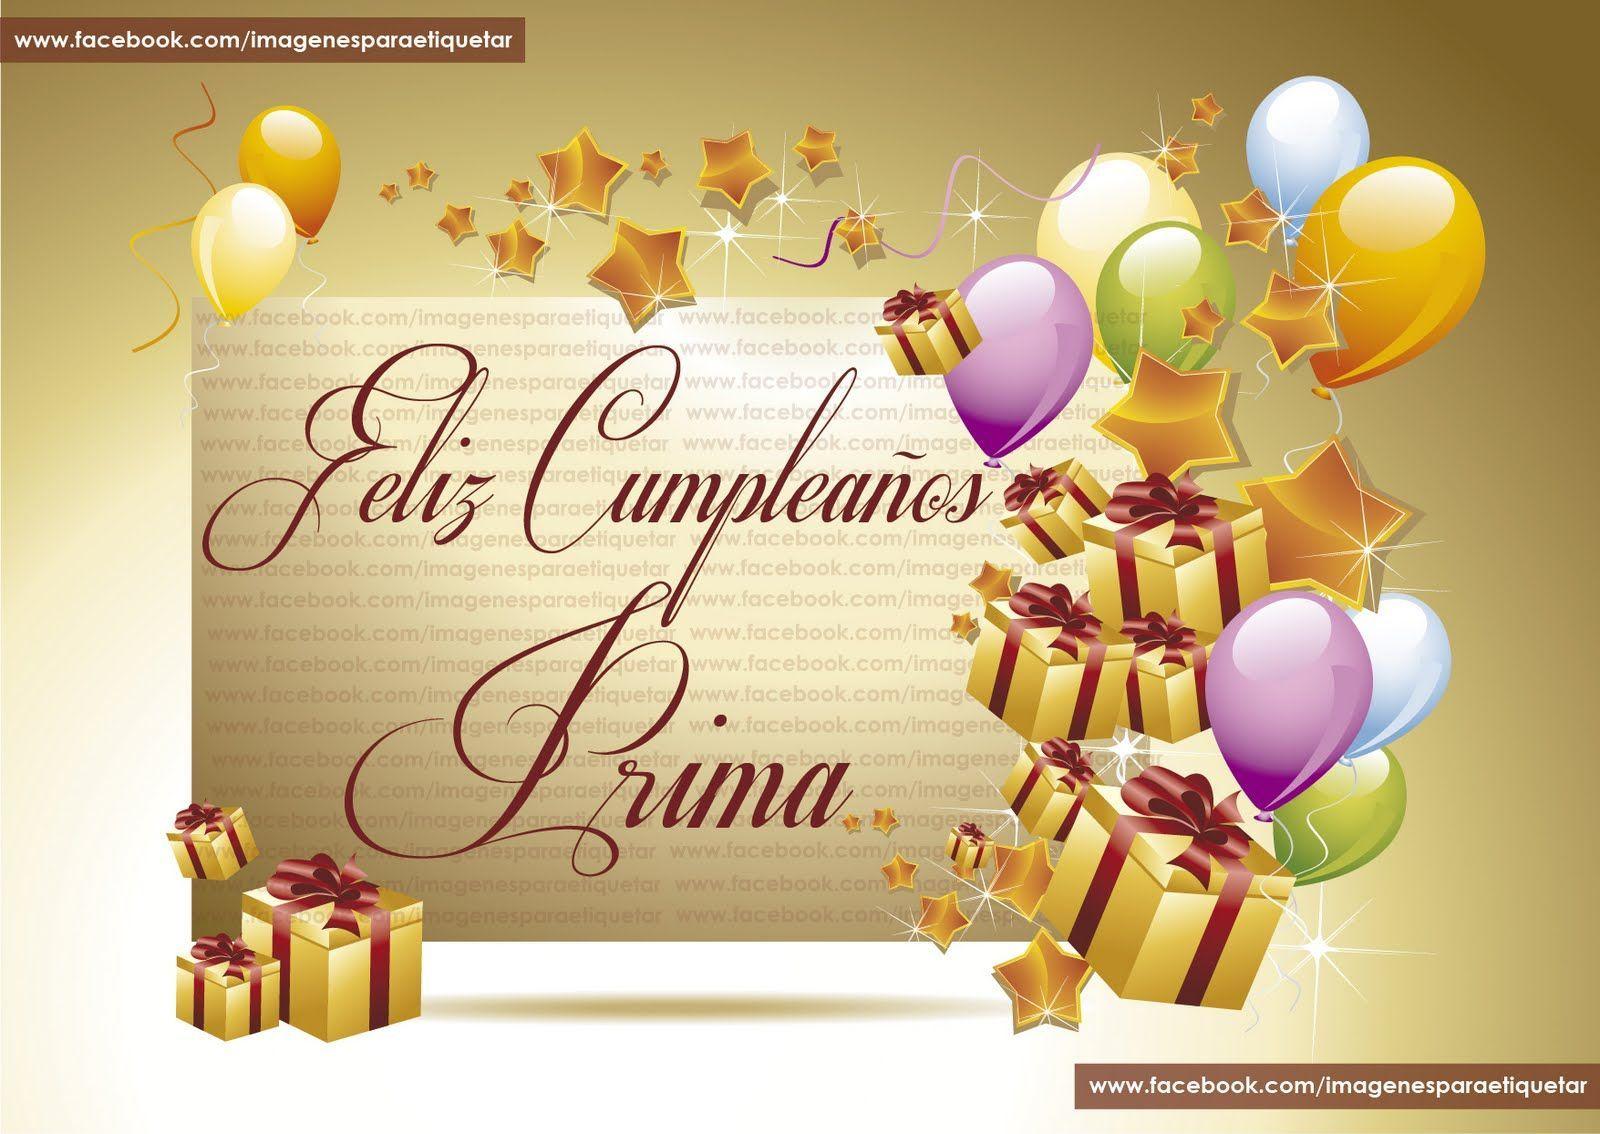 Cartas de cumplea c3 b1os colouring pages - Poemas De Cumpleanos Para Prima Feliz Cumplea Os Prima Imagenes Para Etiquetar En Facebook